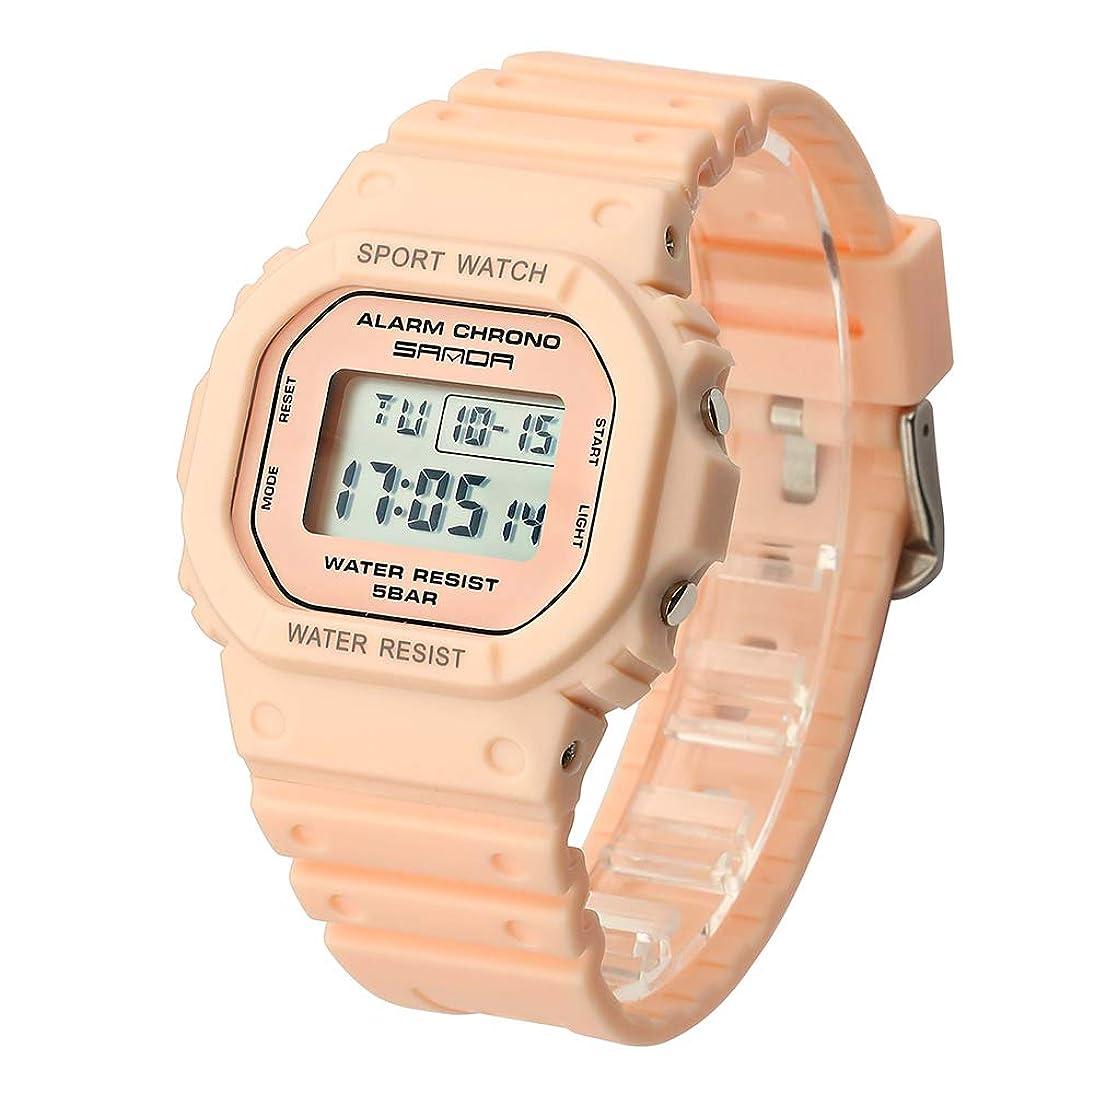 引っ張る住居ファンタジーDhe 腕時計 レディース シンプル ウォッチ 電子デジタル表示 ファッション 夜光ディスプレイ 日付 曜日表示 (ピンク)